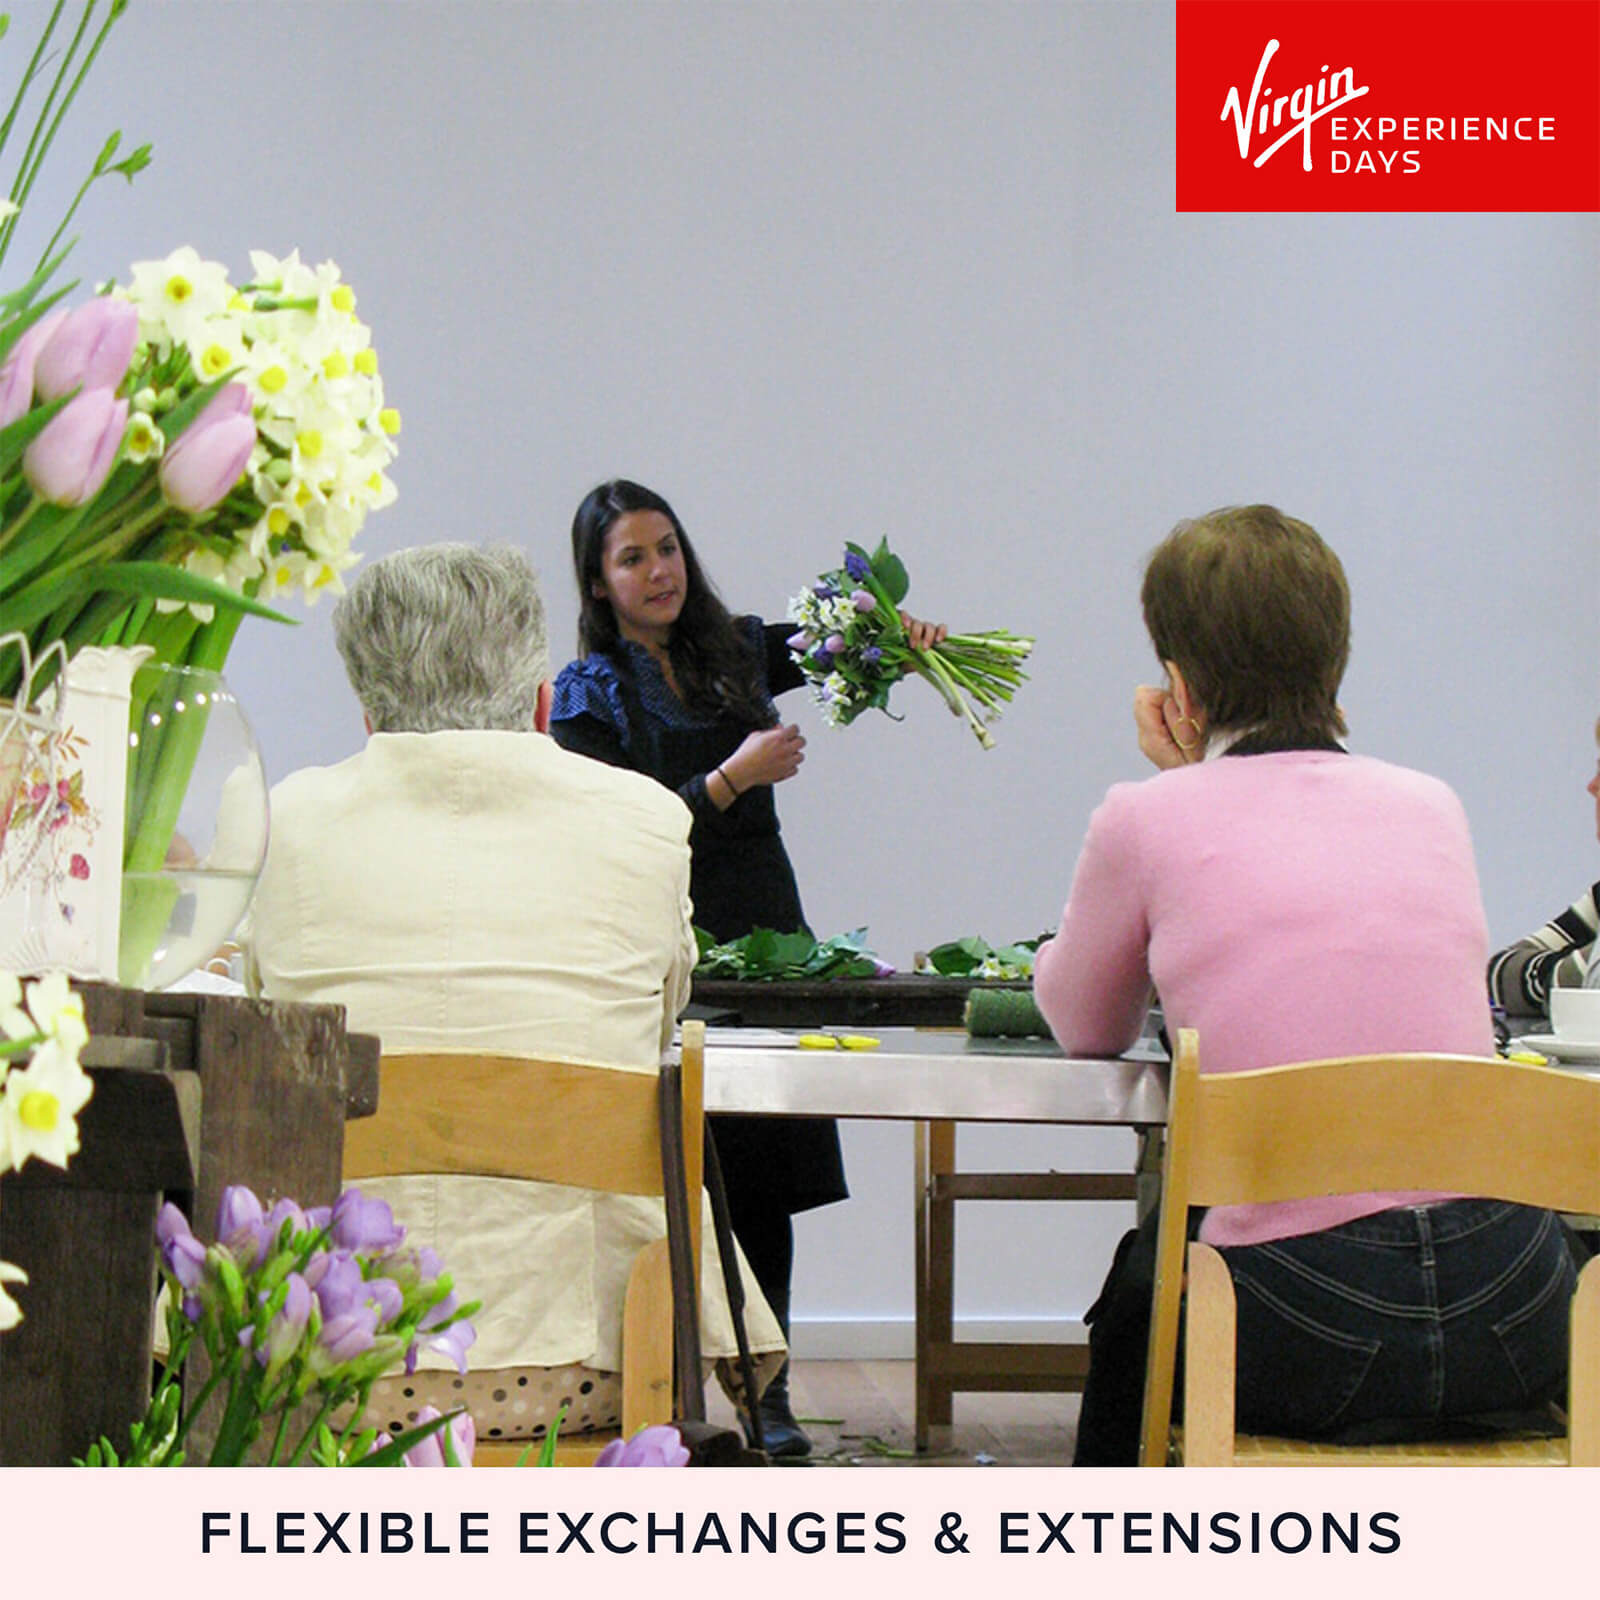 Image of Flower Arranging Workshop for Two